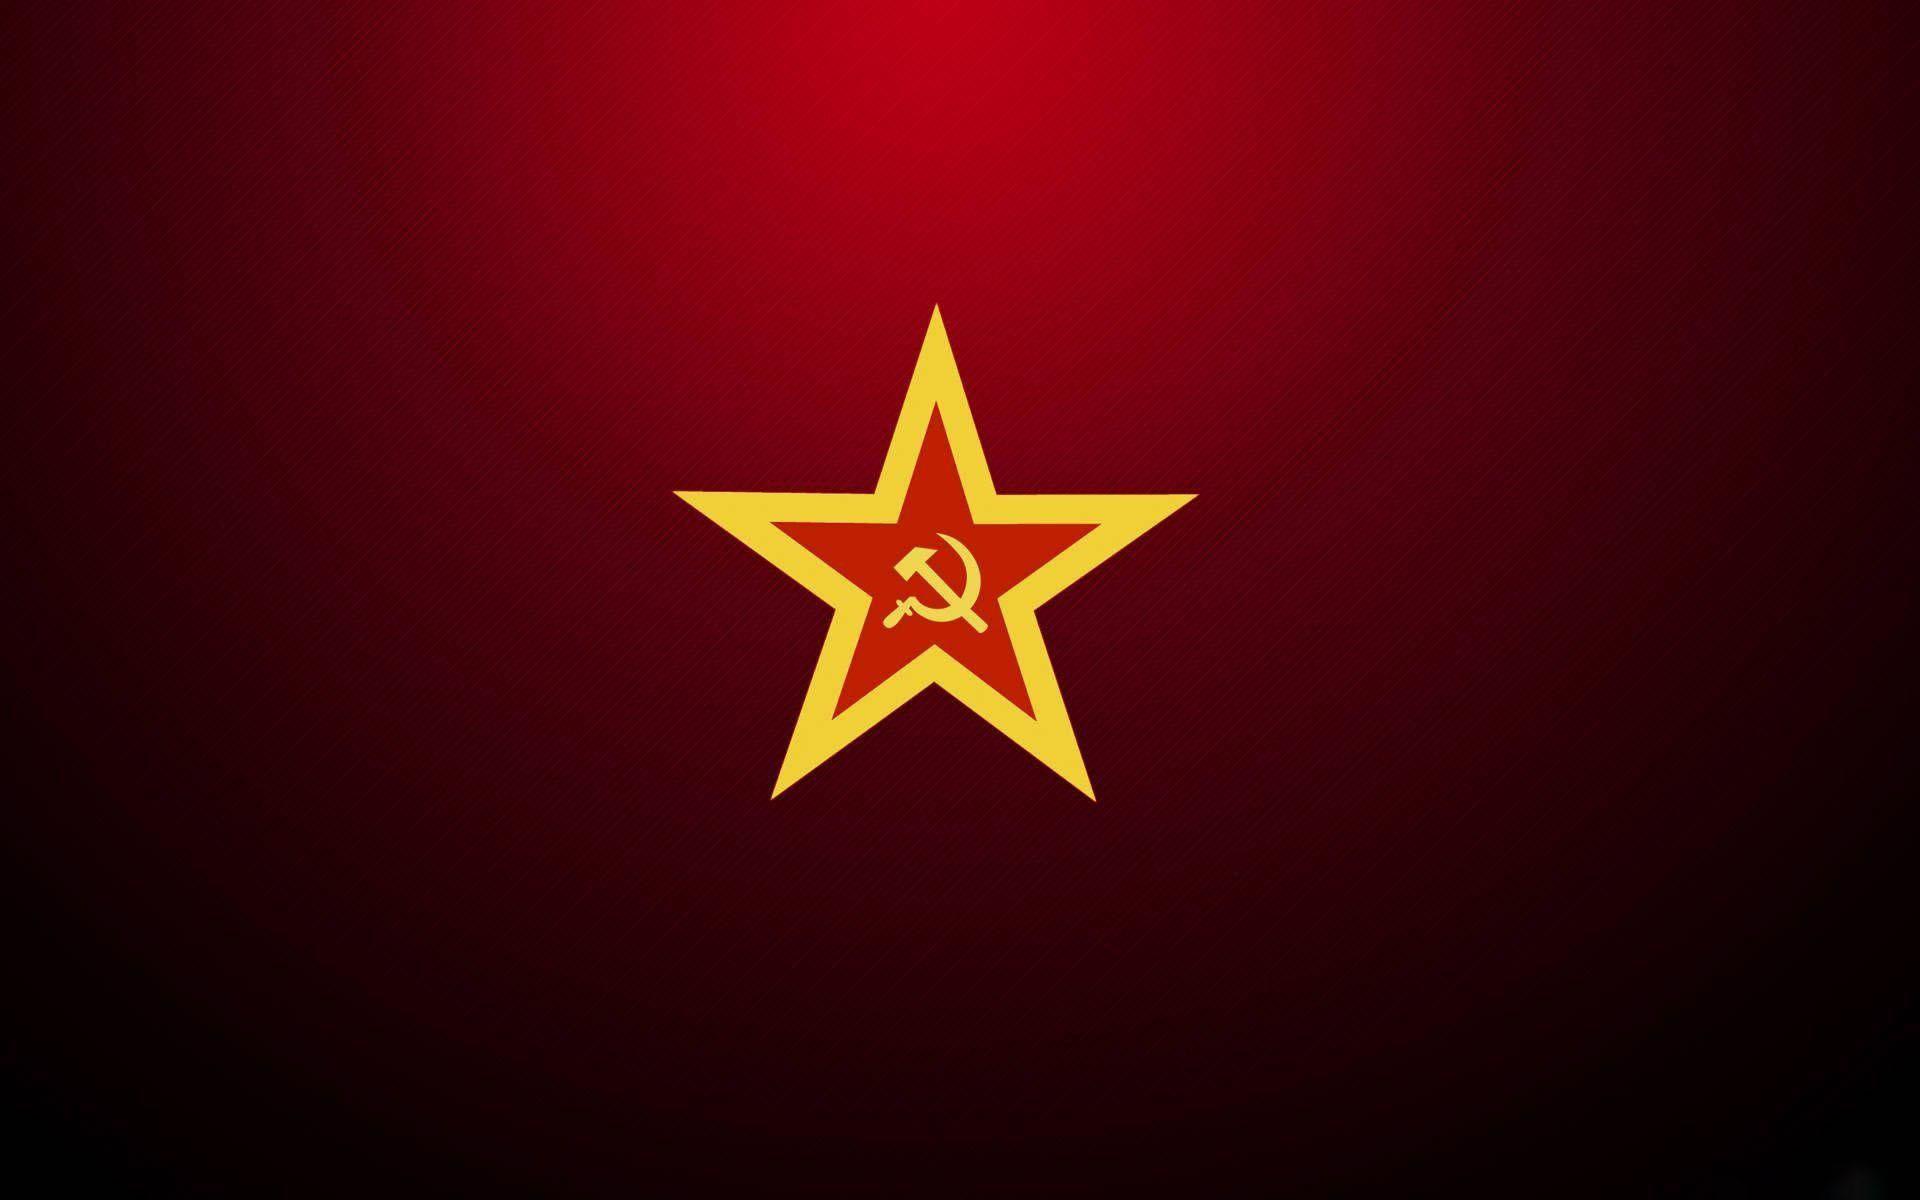 Background đảng Việt Nam đẹp